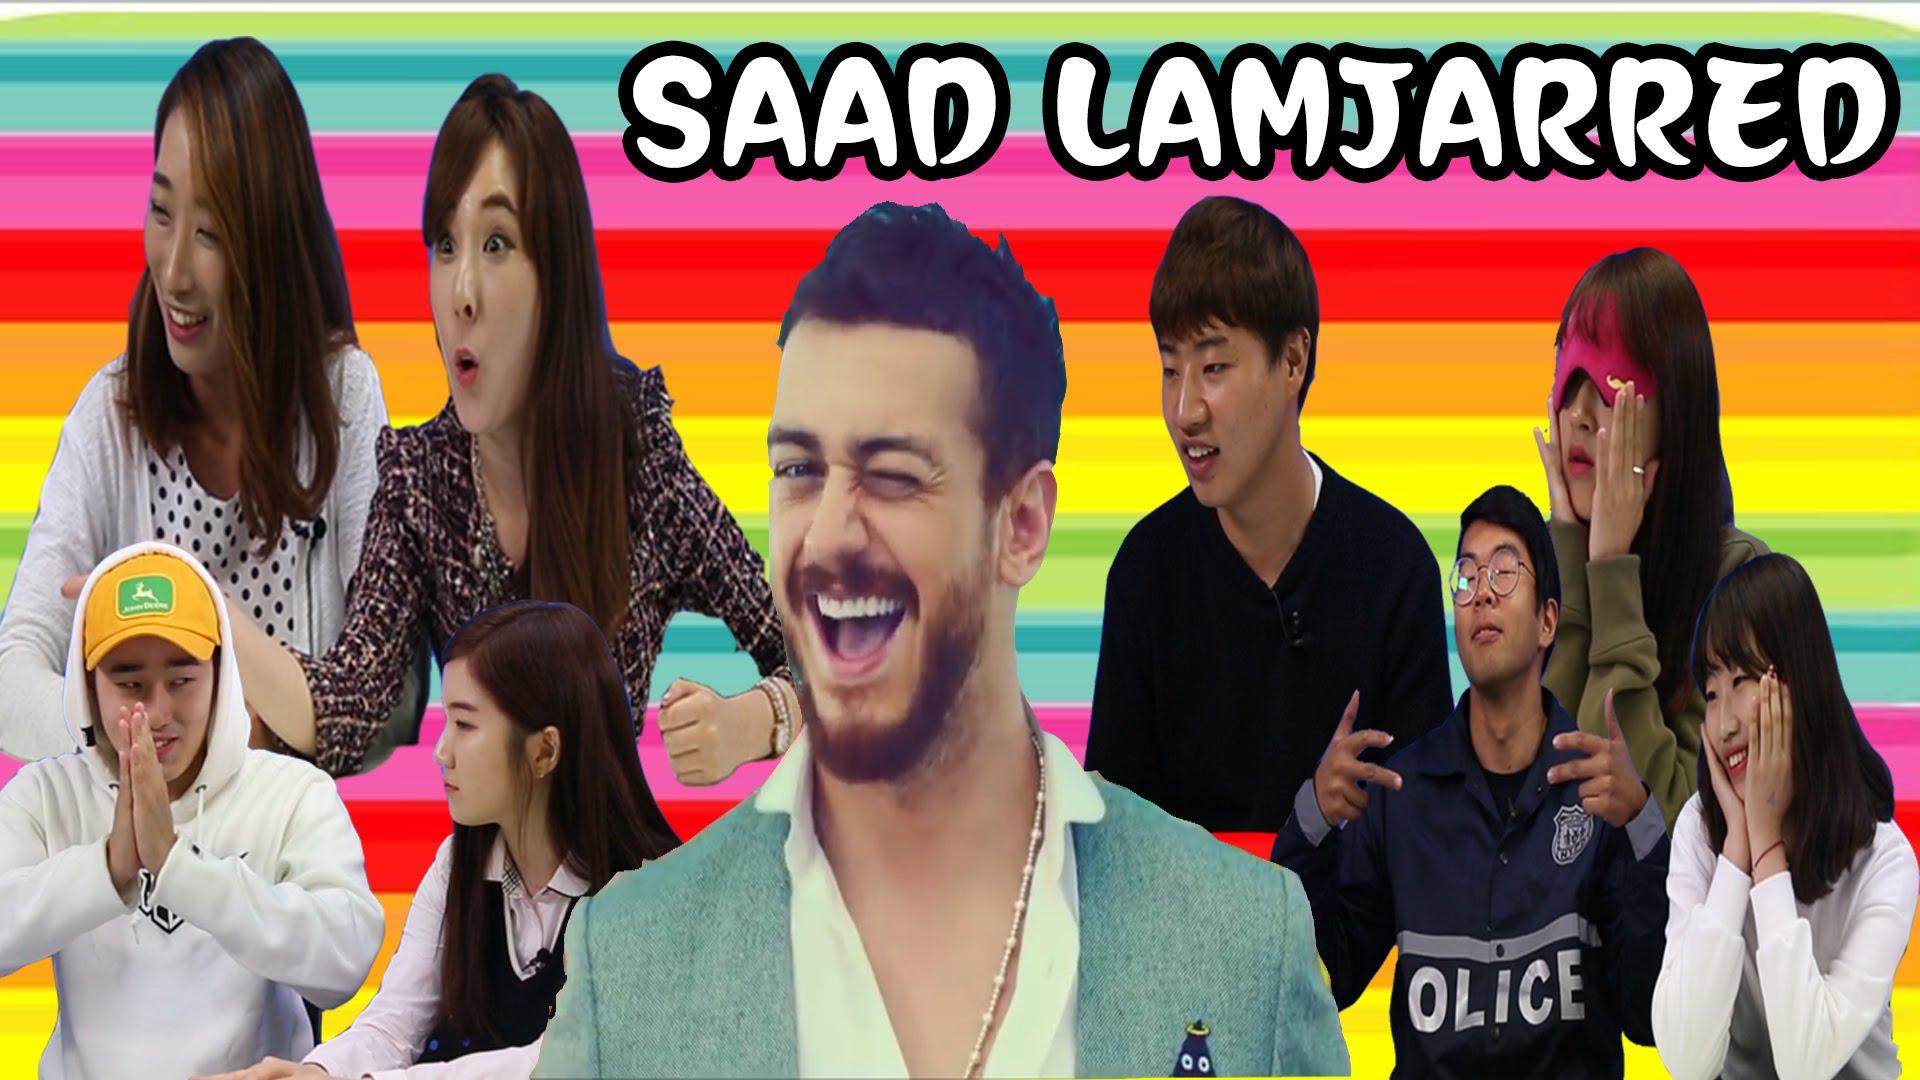 تقرير رائع عن نجاح سعد المجرد في التلفزيون التونسي